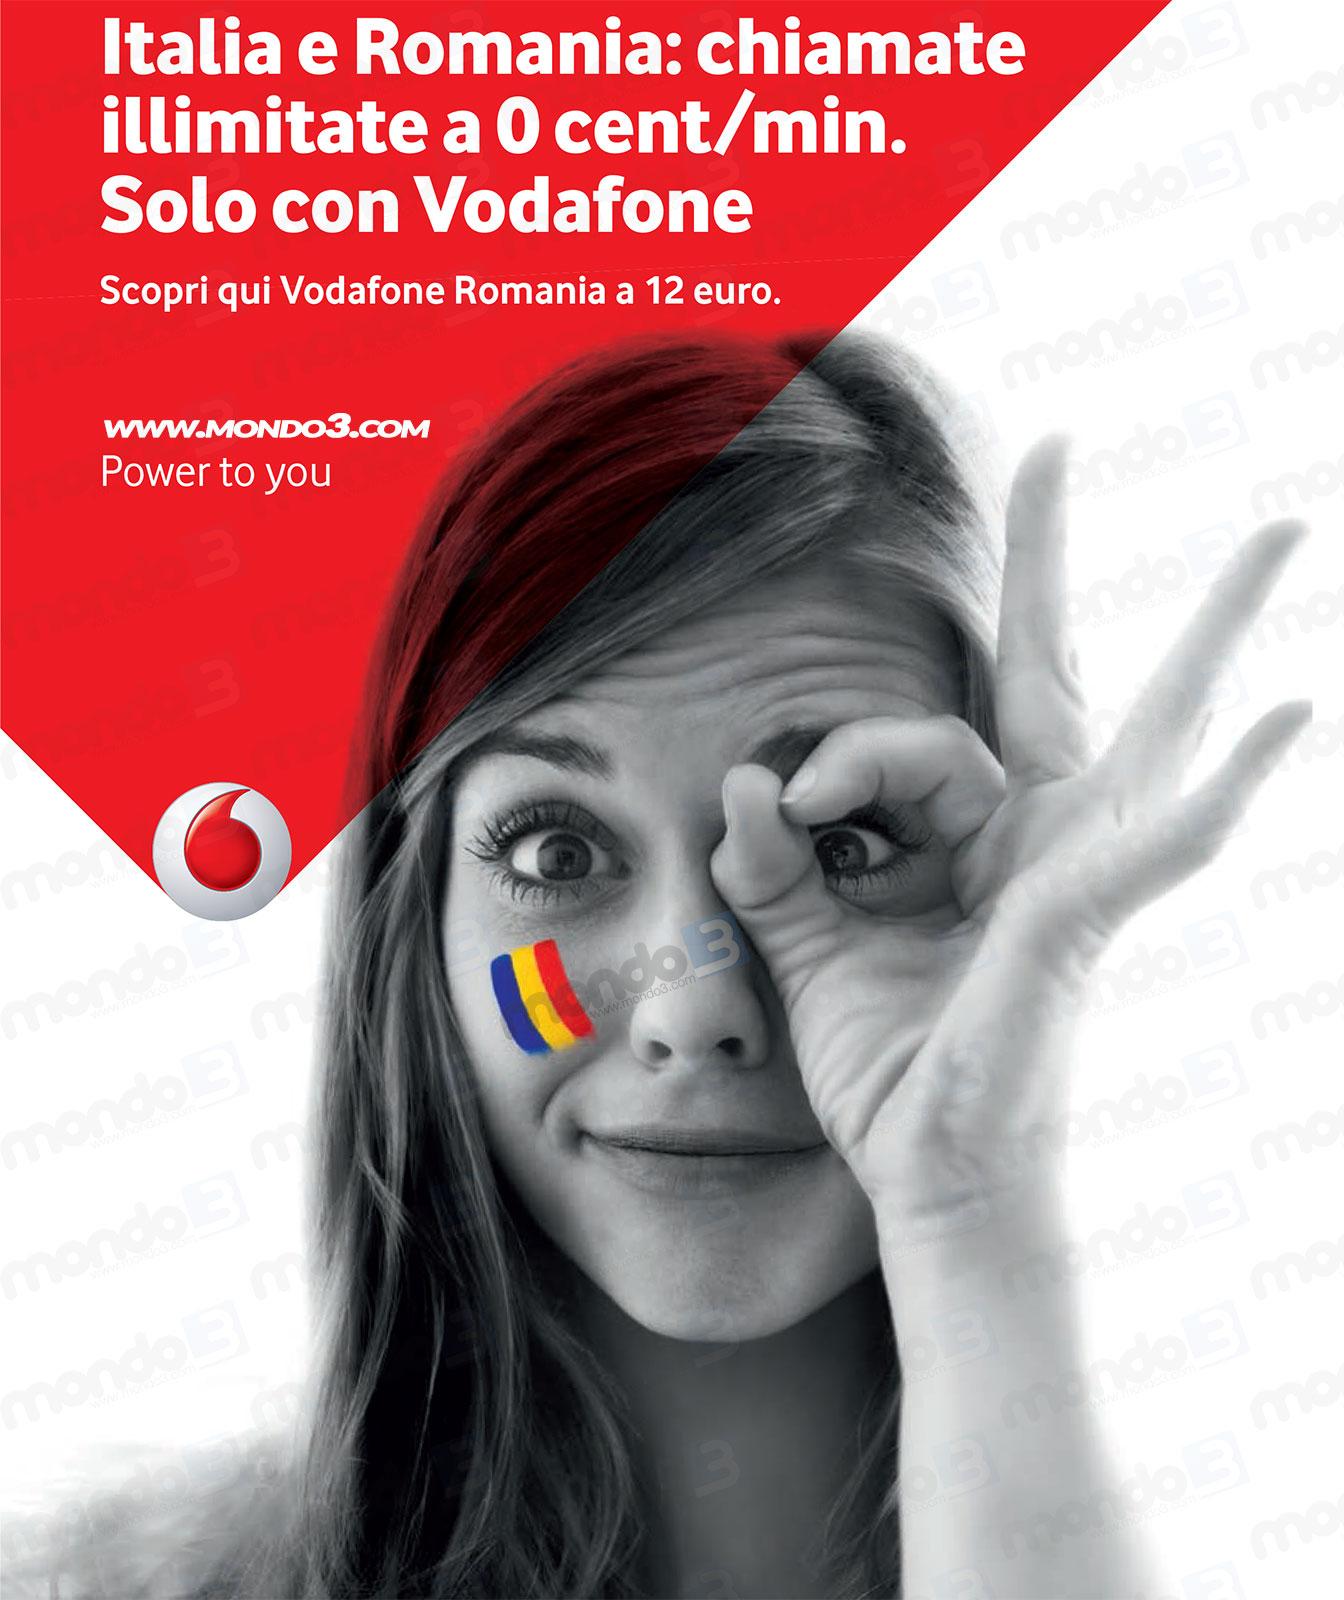 Vodafone Romania Nuova Tariffa Per Chiamate Gratis